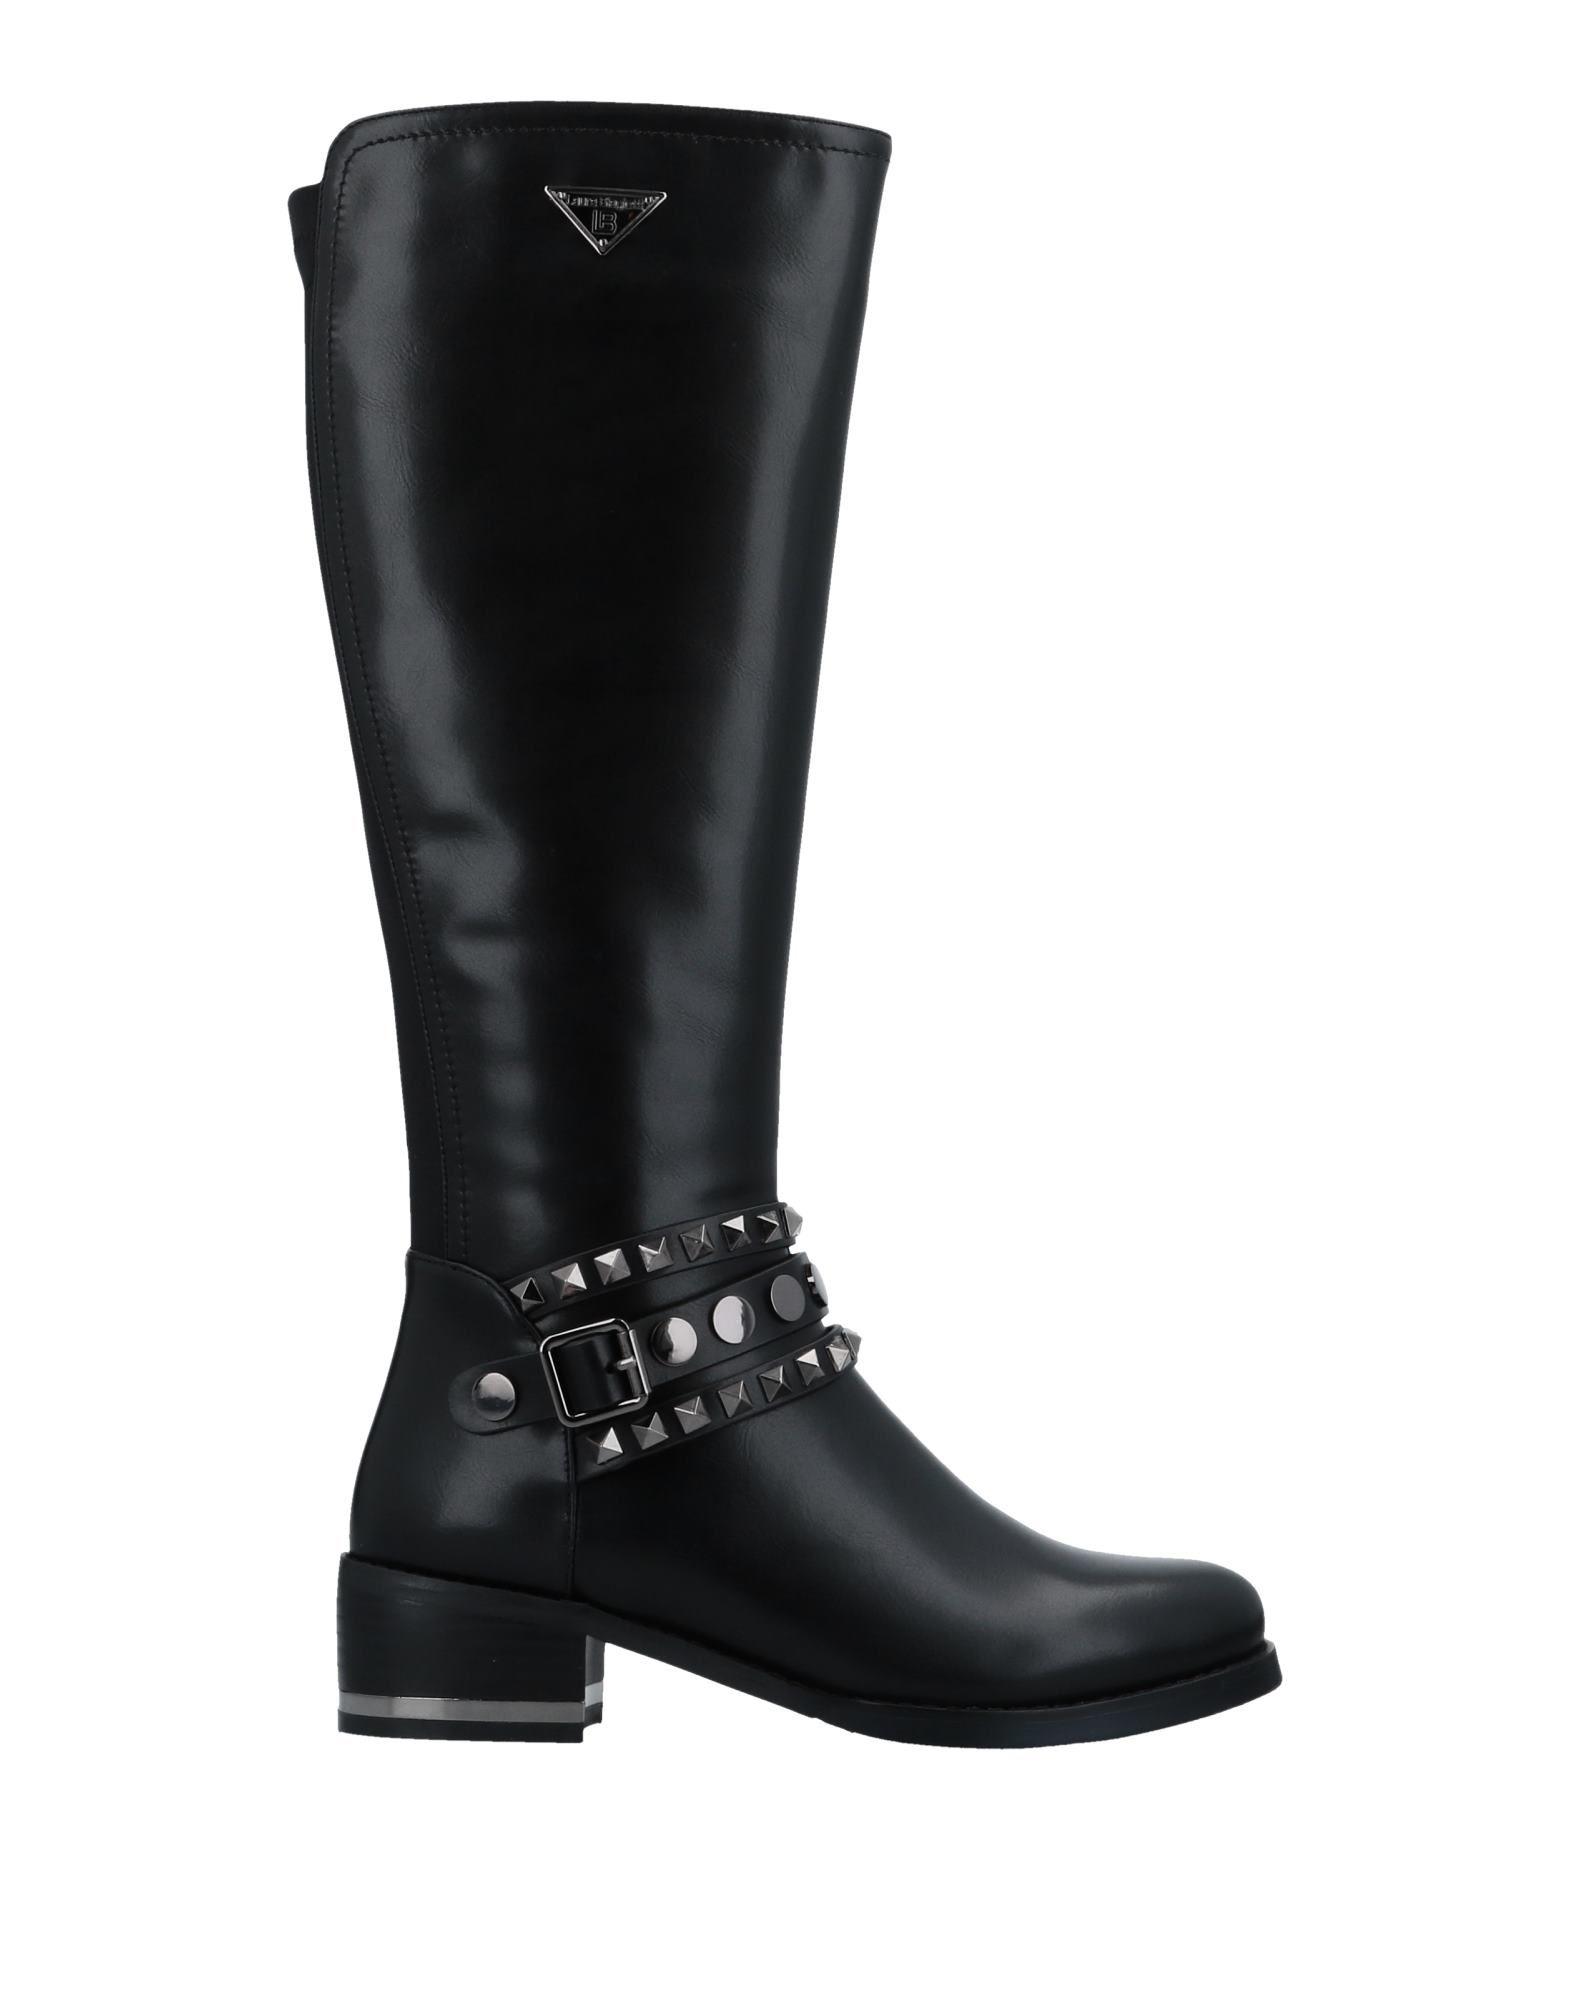 Laura Biagiotti Stiefel Damen  11509375LB Gute Qualität beliebte Schuhe